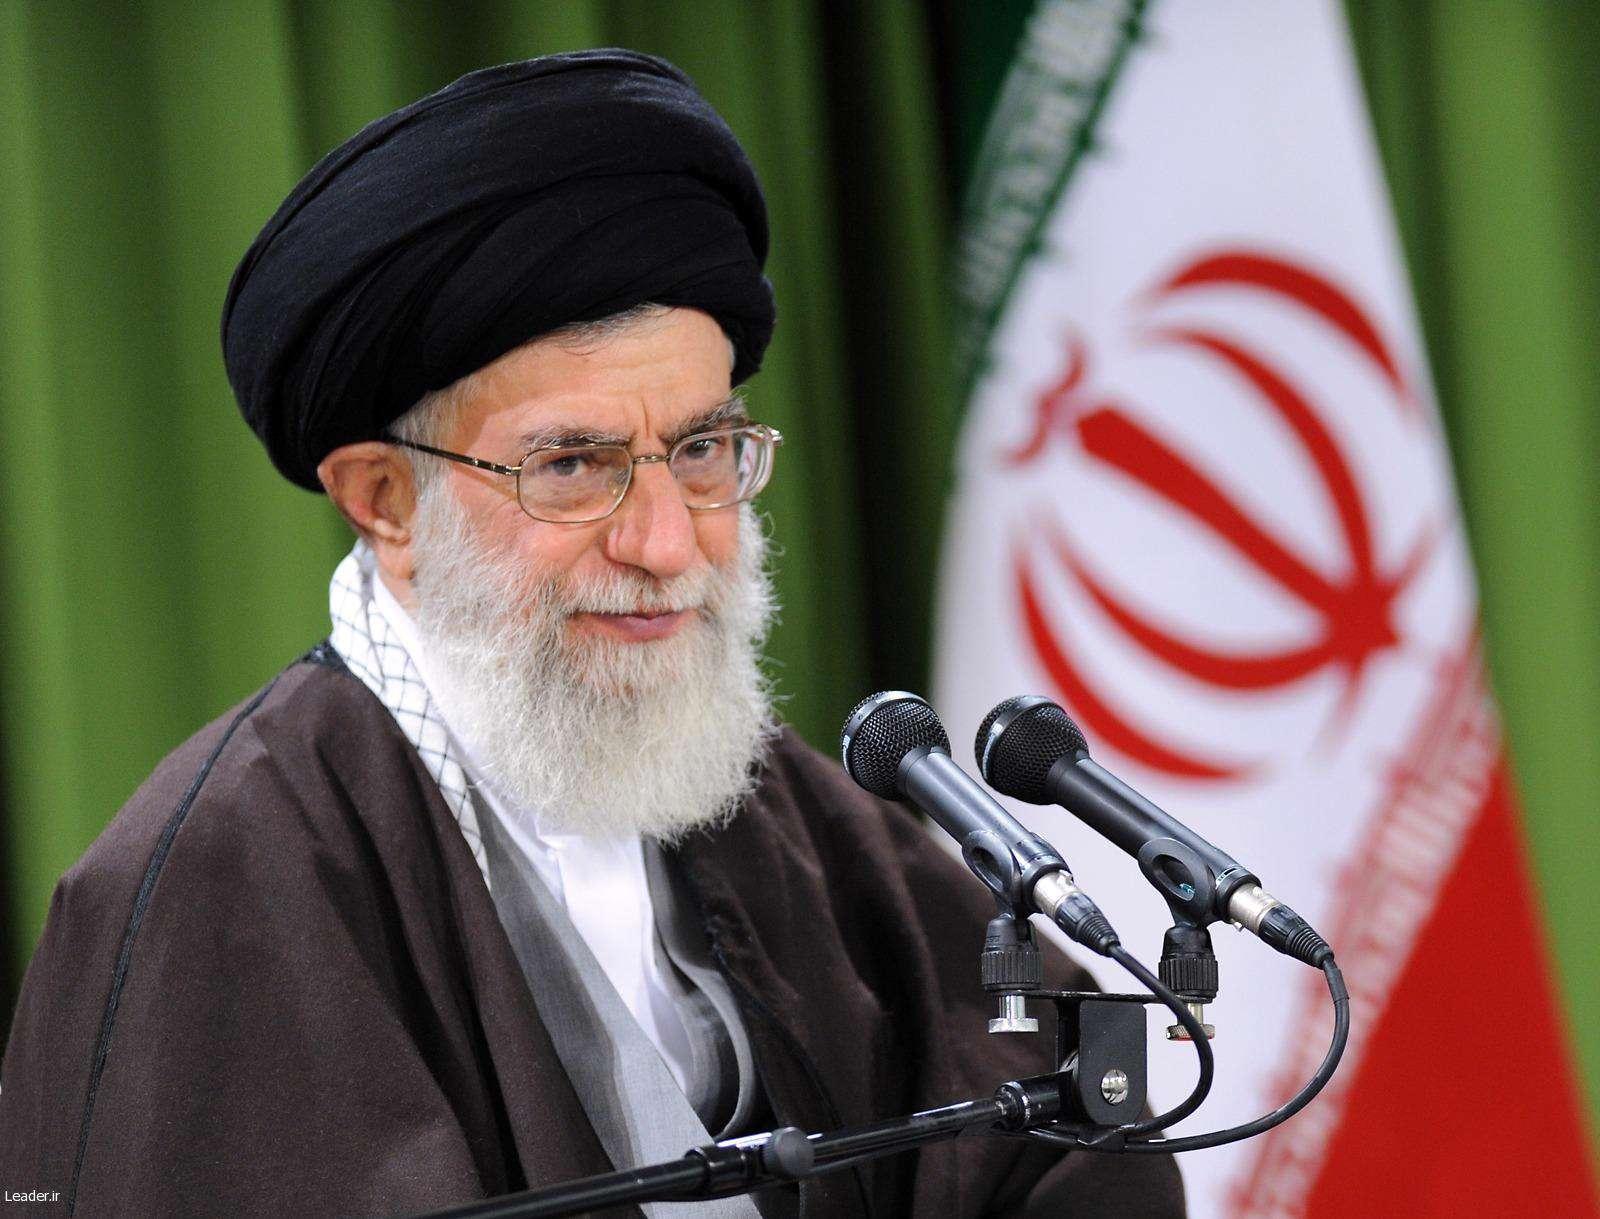 رهبر انقلاب: اگر شهدا سینه سپر نمیکردند، امروز تهران و خوزستان دست چه کسی بود؟!